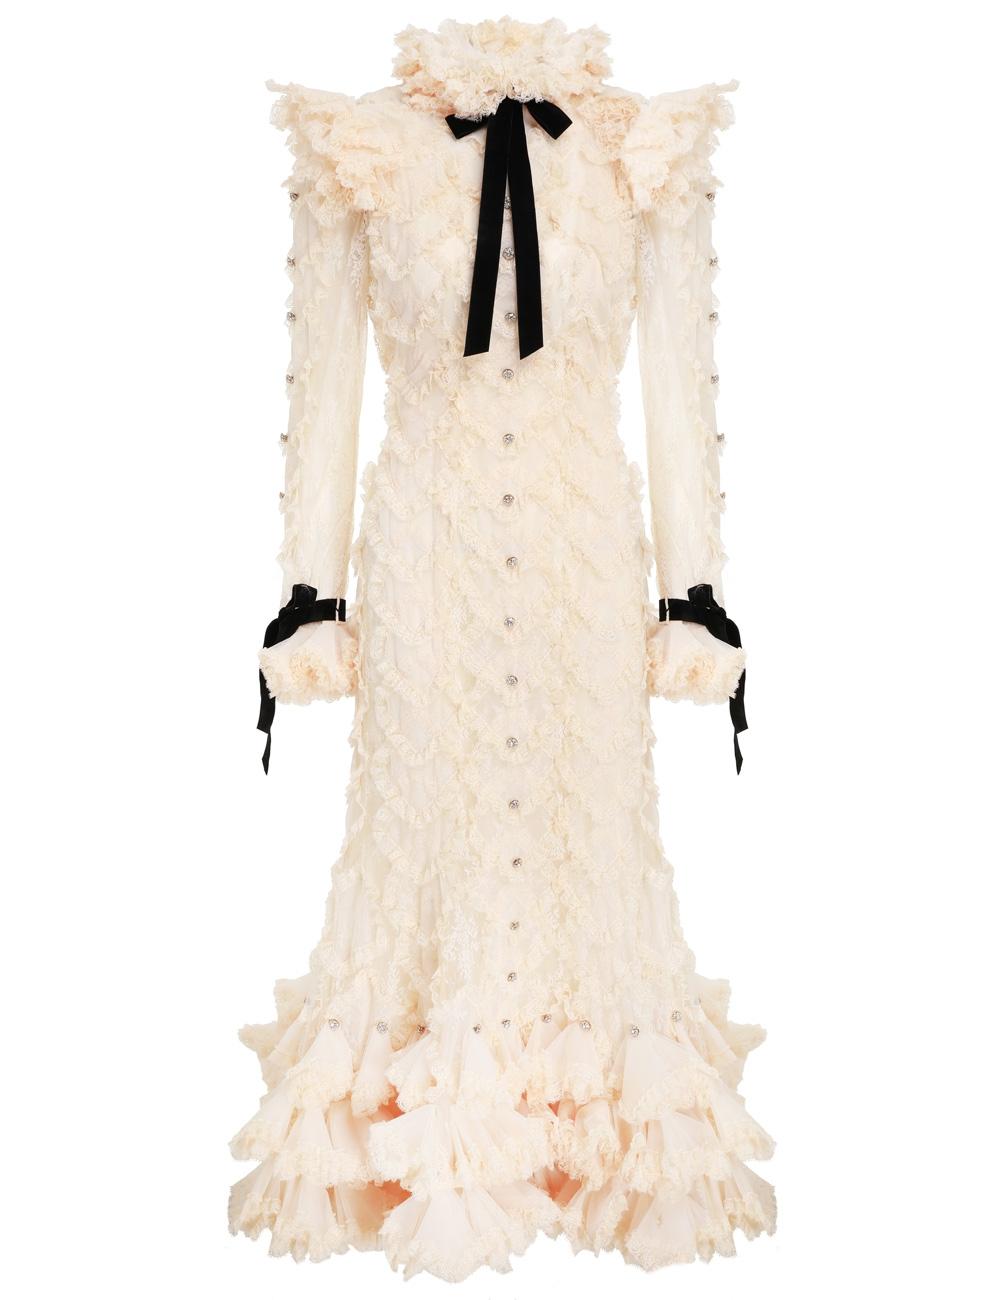 Lucky Lace Handkerchief Dress